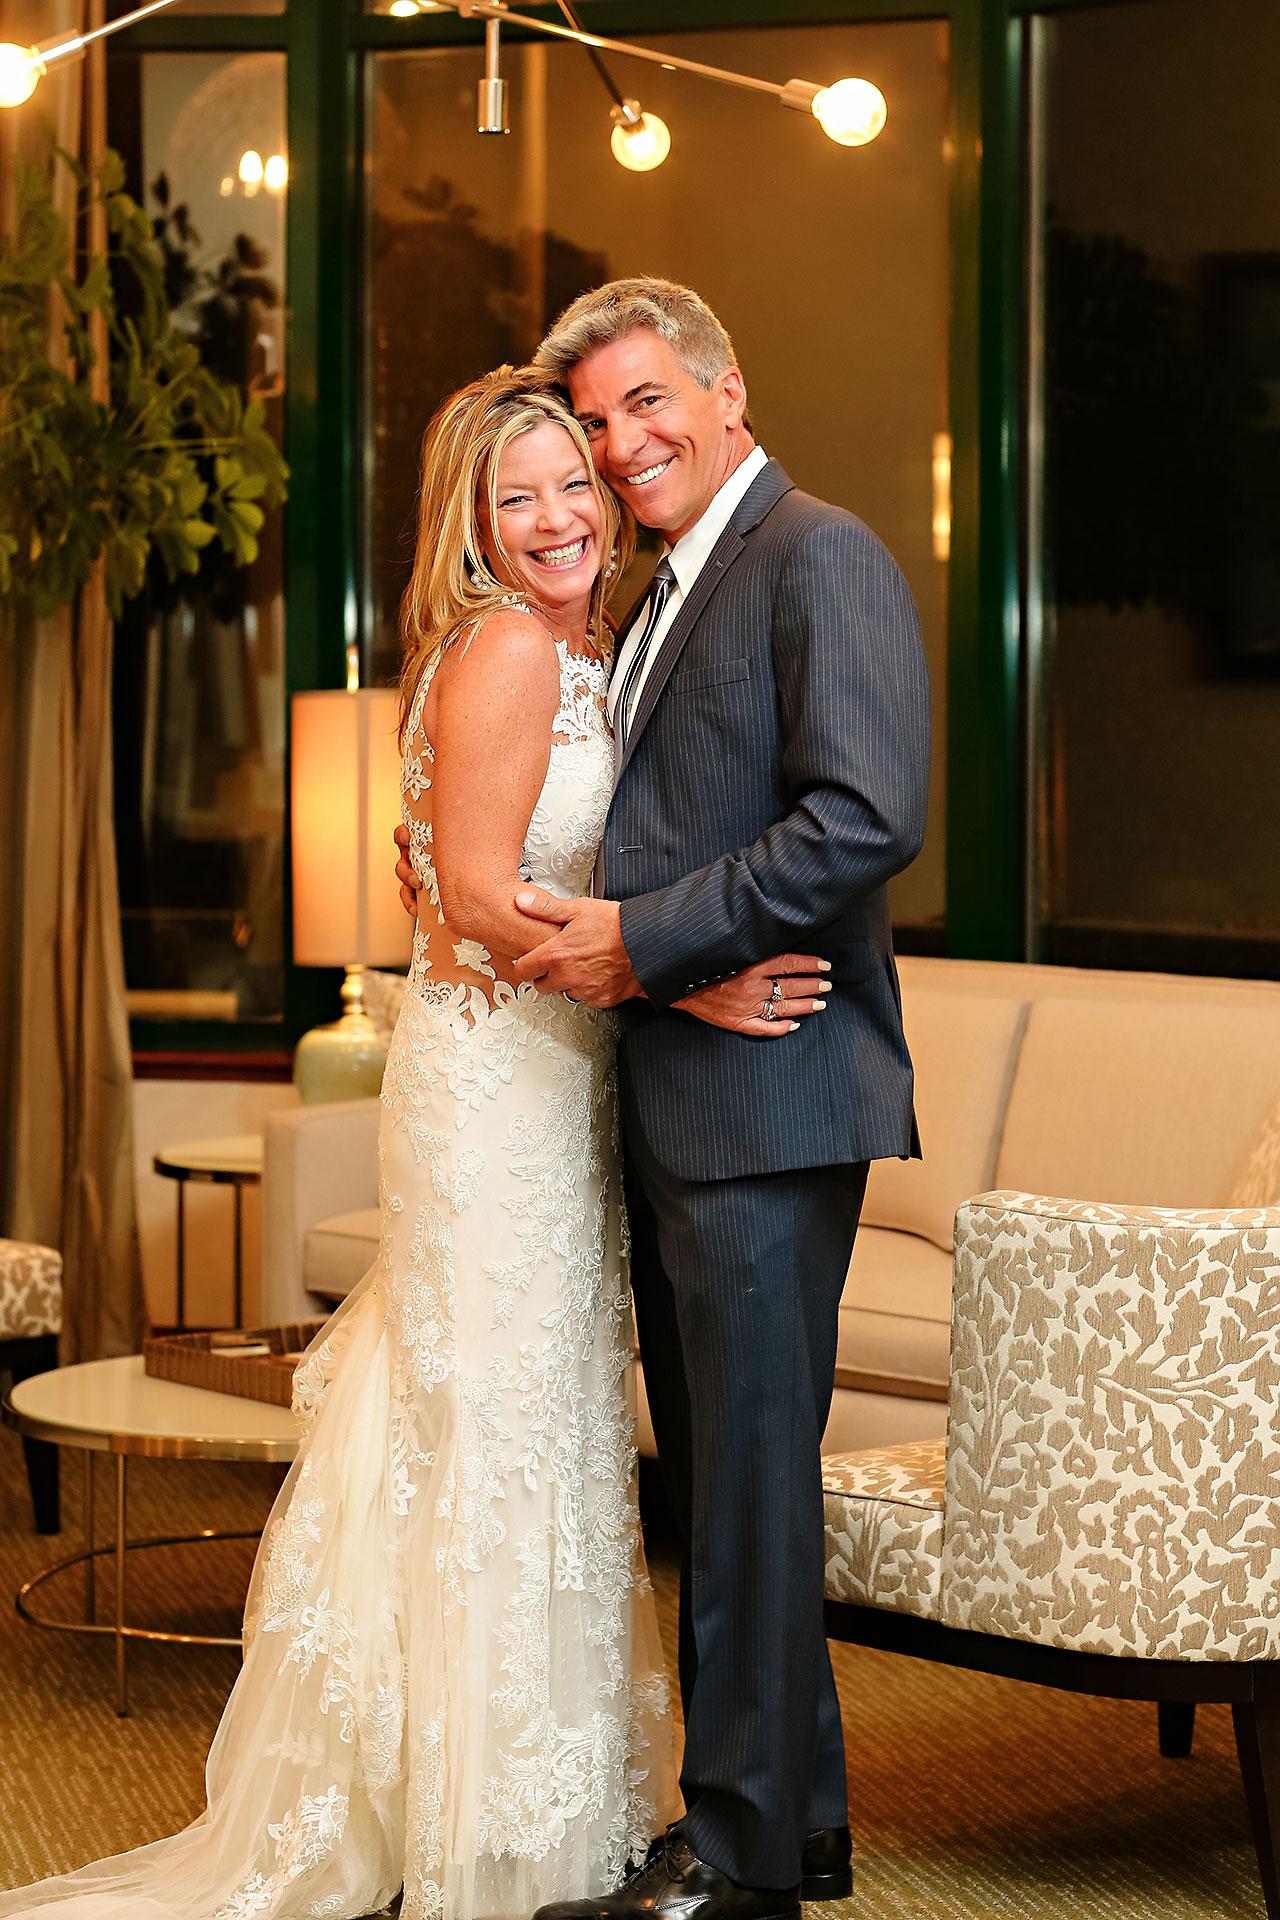 Rhonda Jeff Montage Indianapolis Wedding Reception 002